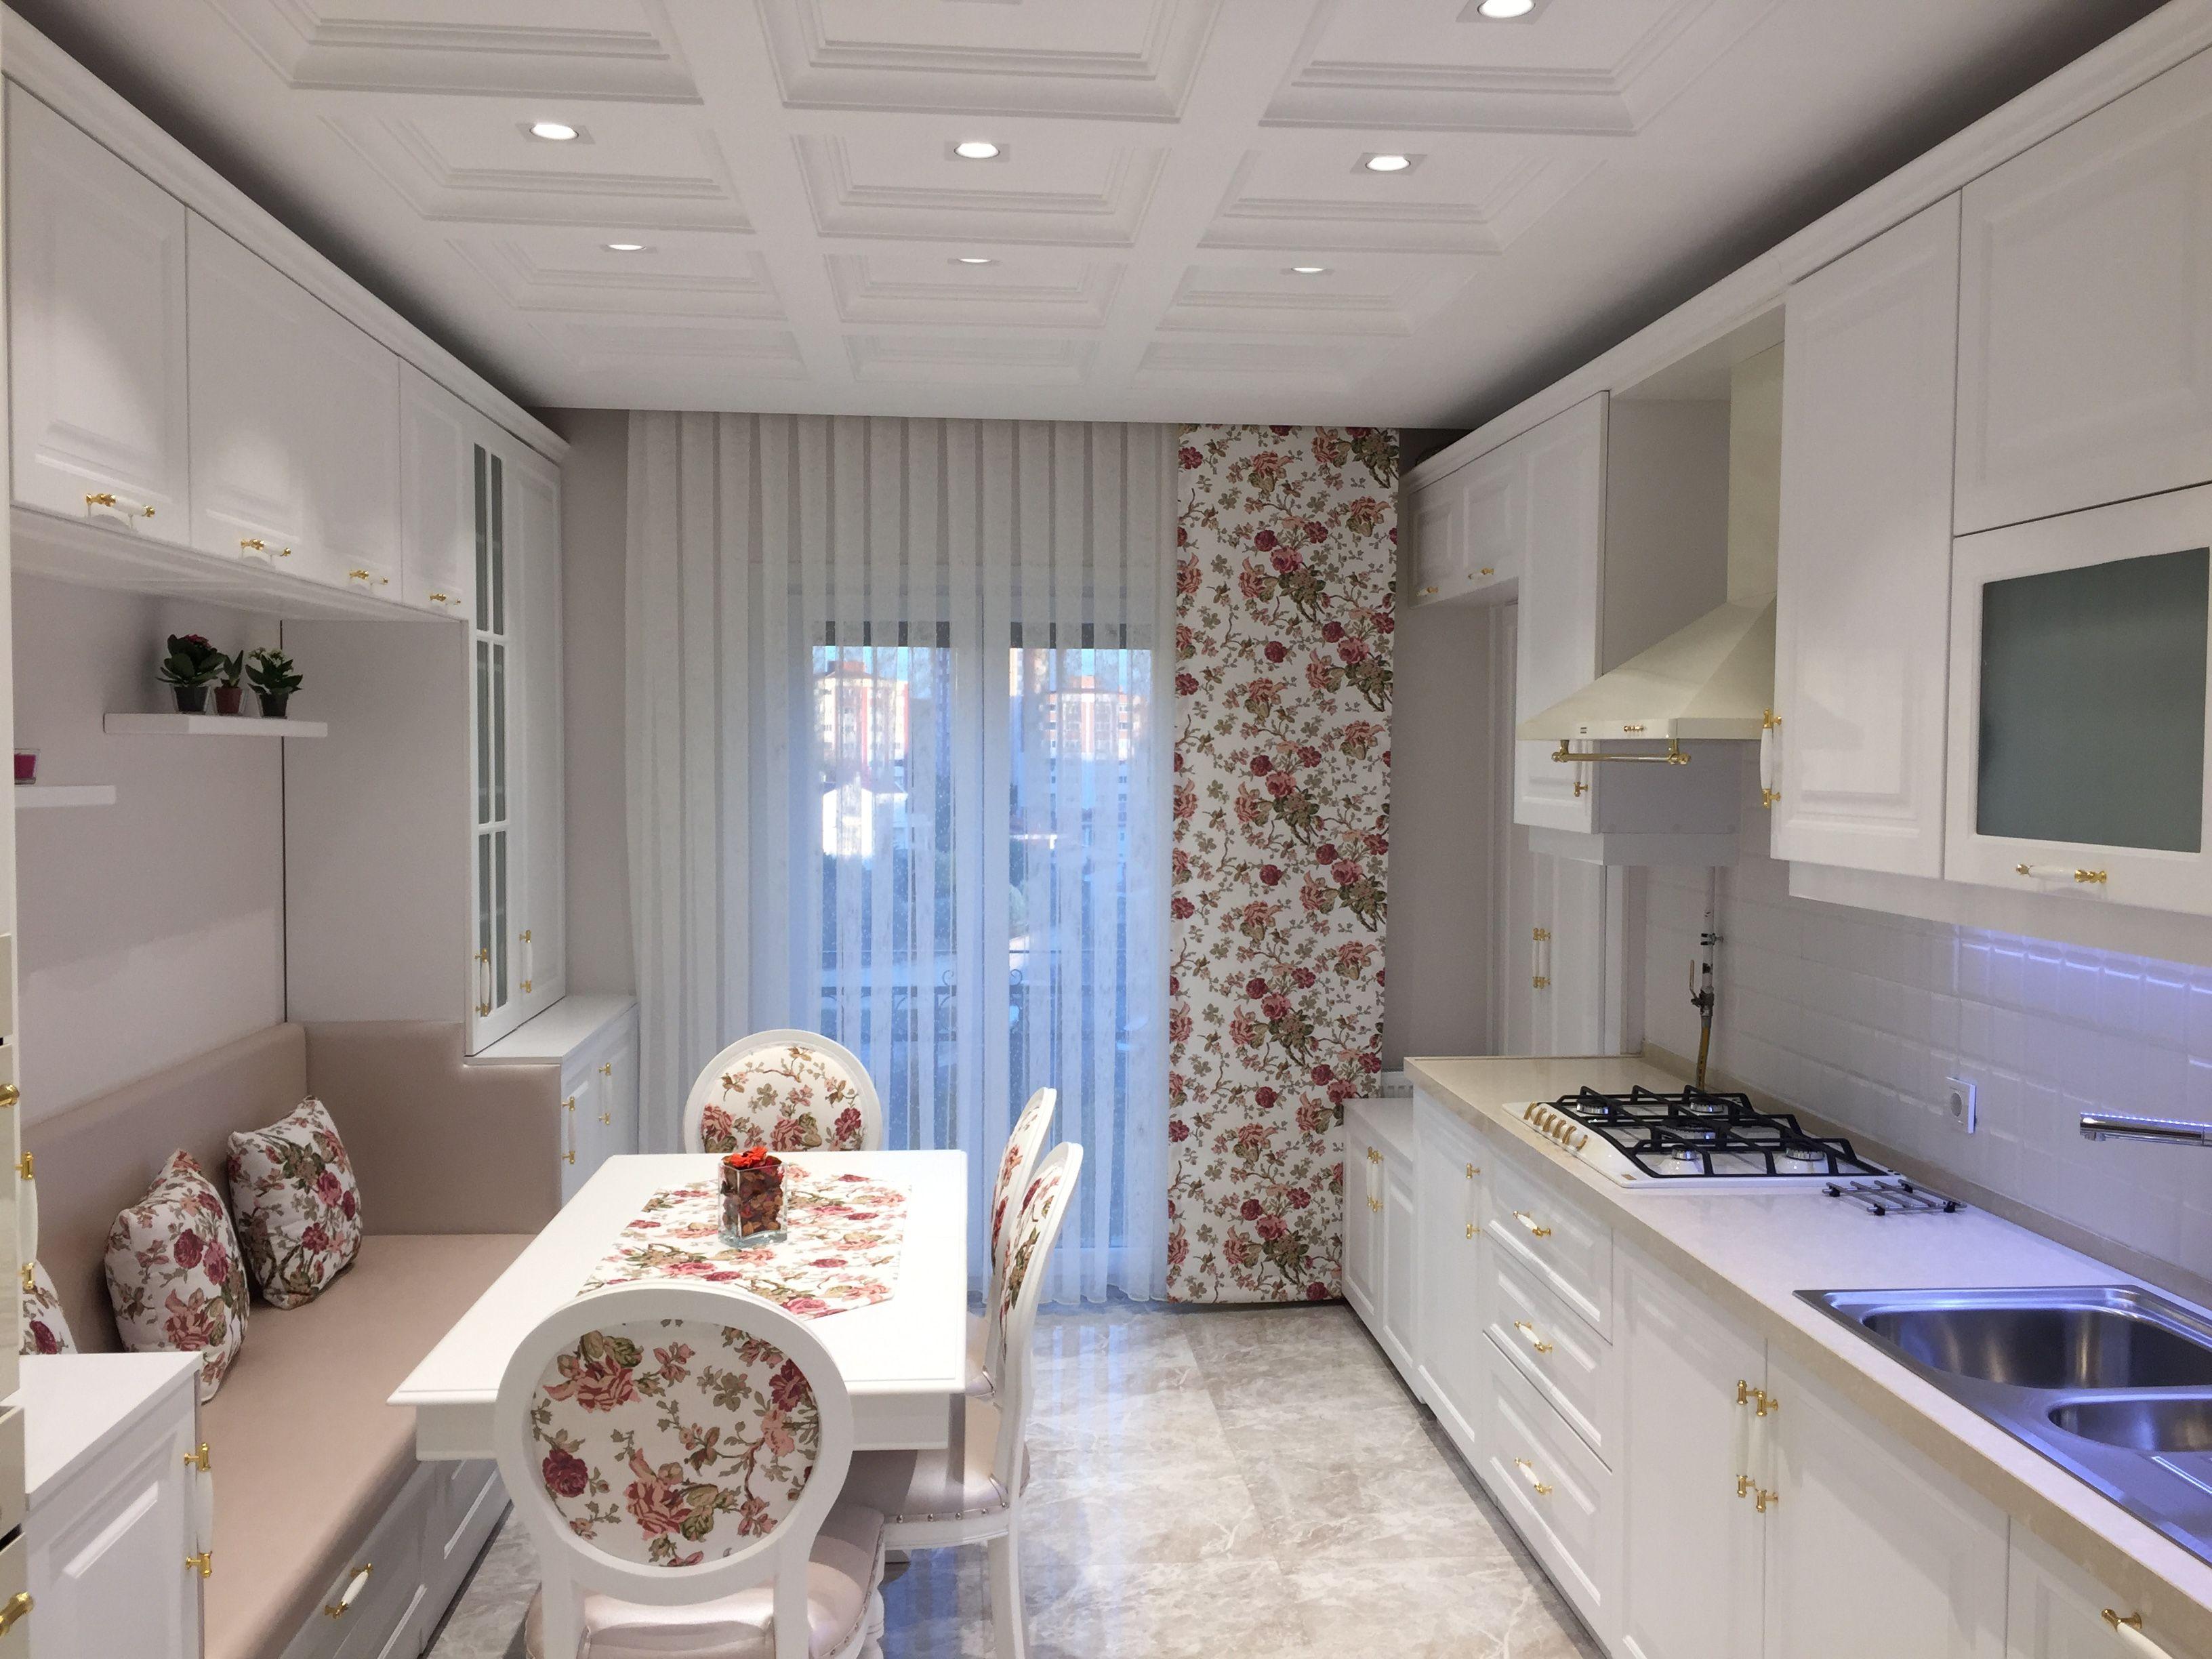 Modern mor renkli banyo dekorasyonu ev dekorasyonu dizayn -  Country Mutfak Mutfak Tasar M Beyaz Mutfak K Klasik Mutfak